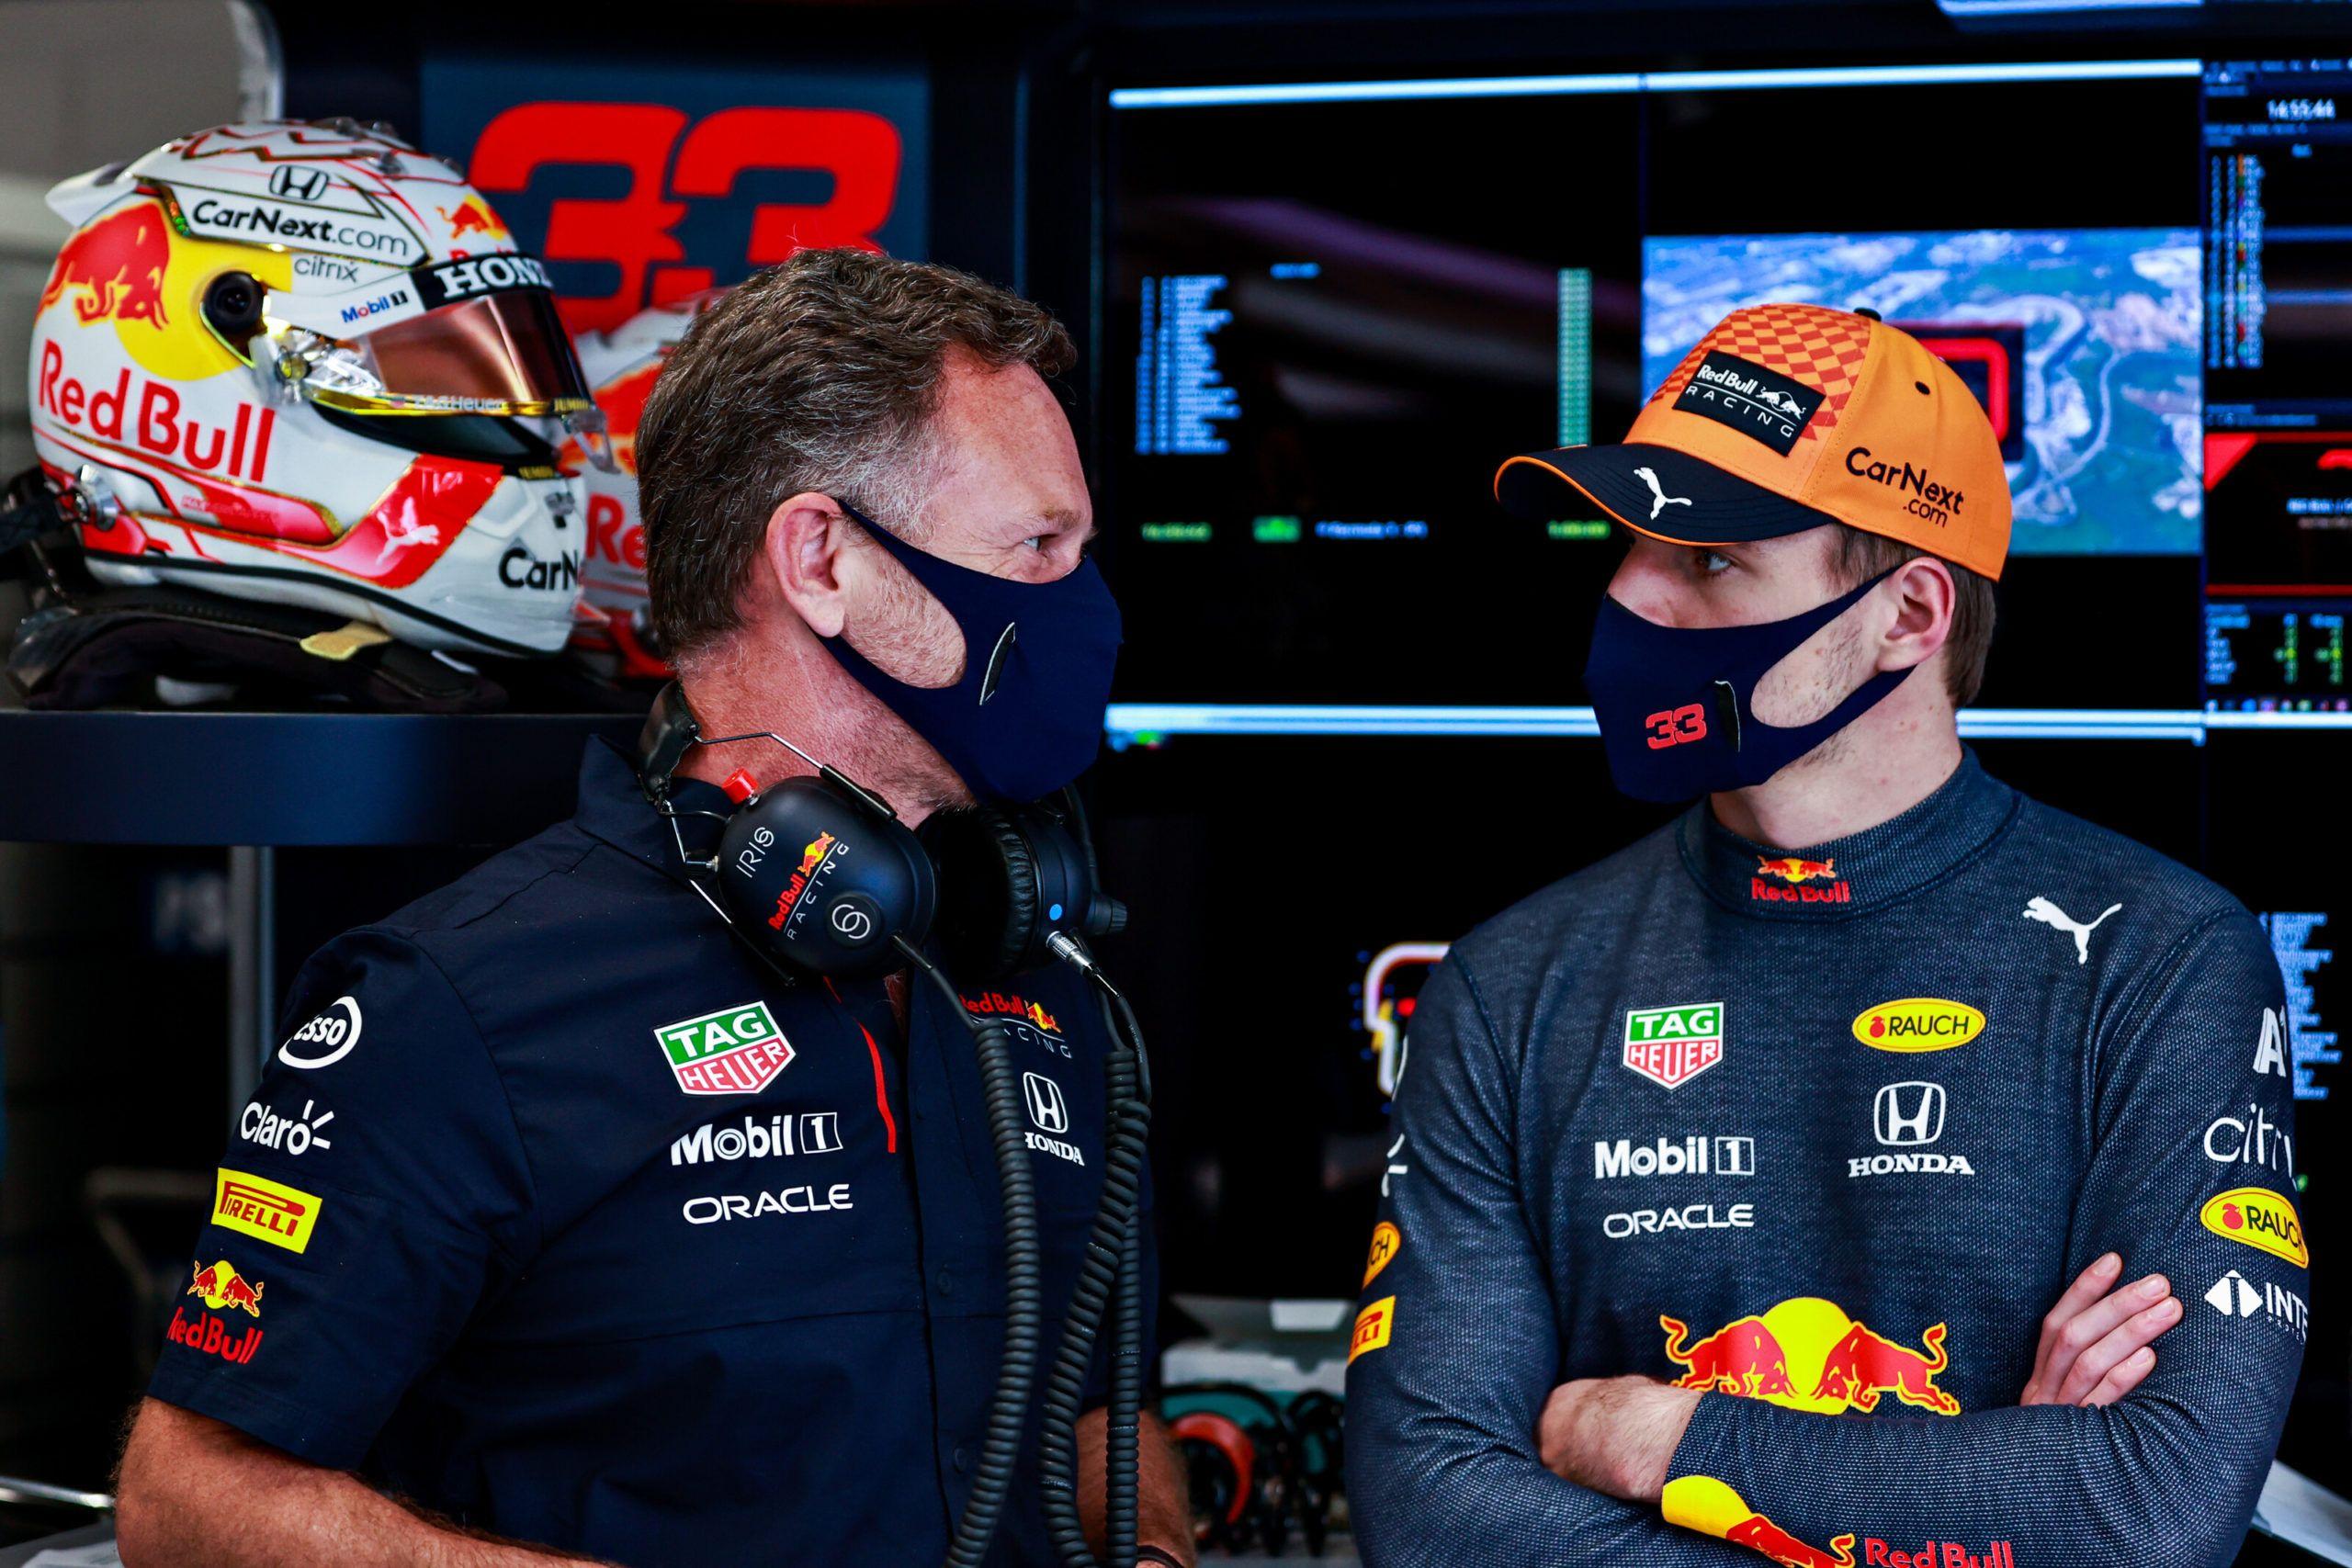 Christian Horner, Red Bull, F1, FIA